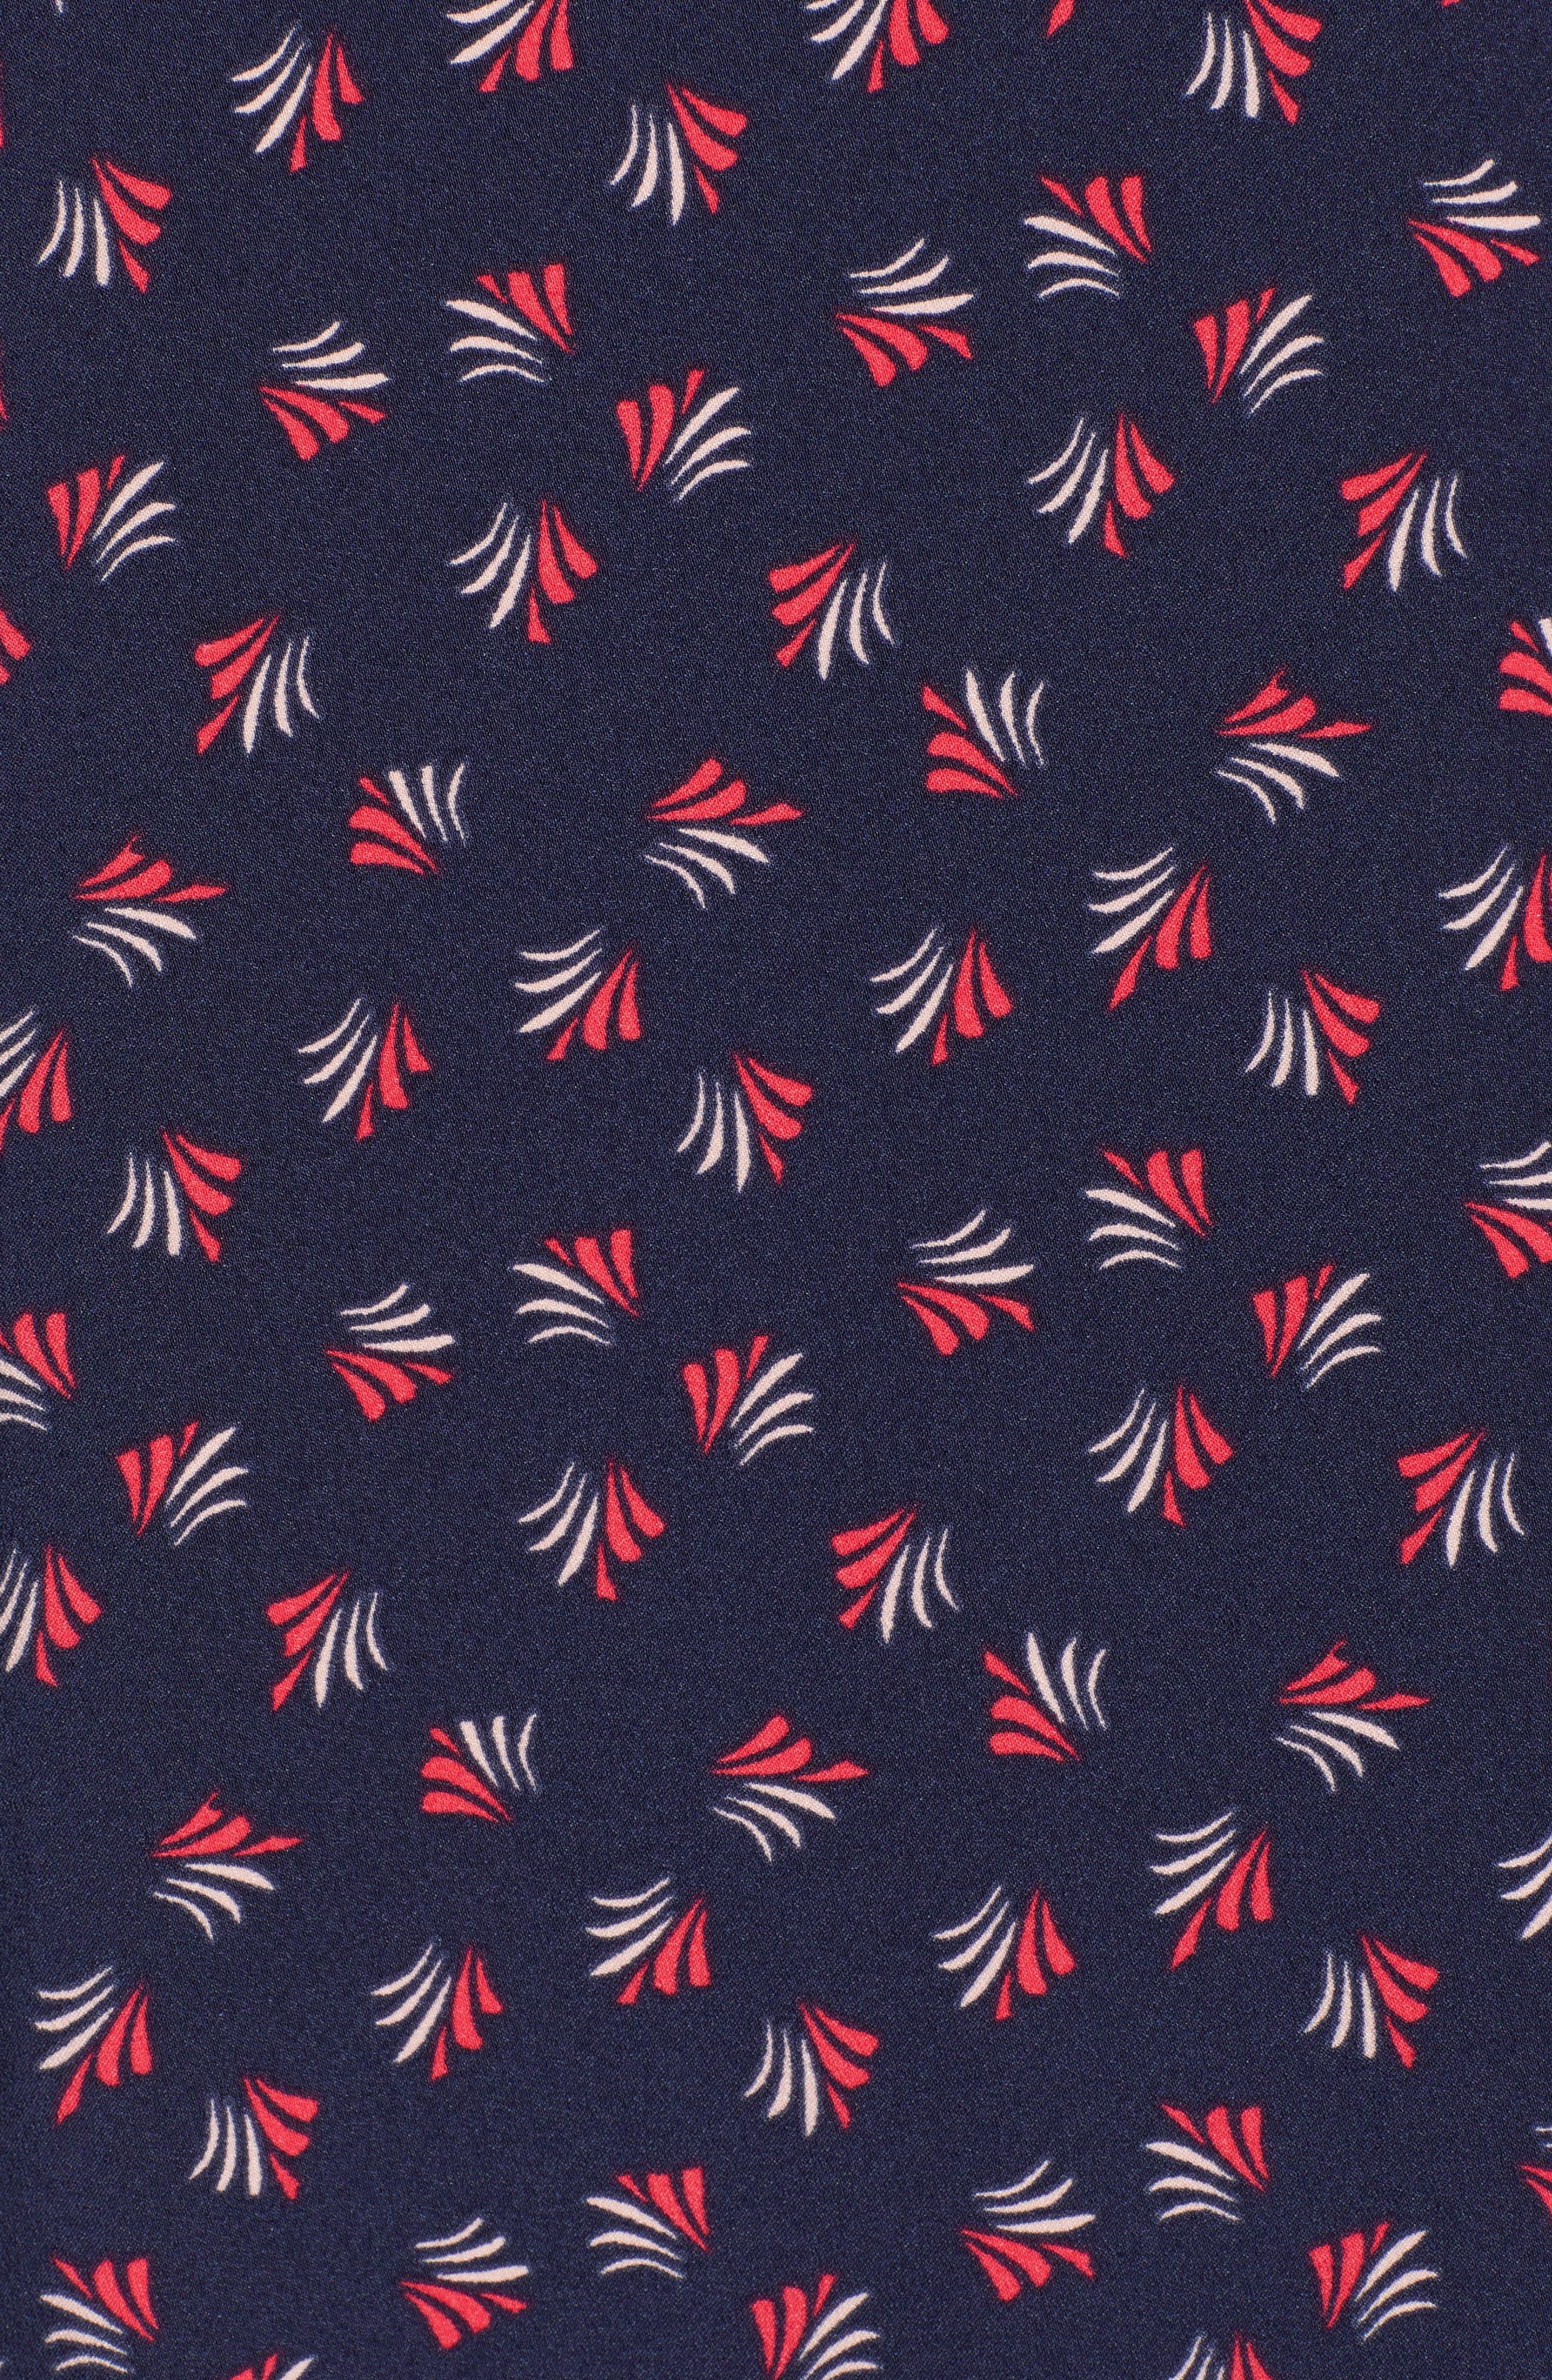 Button Back Ruffle Hem Dress,                             Alternate thumbnail 46, color,